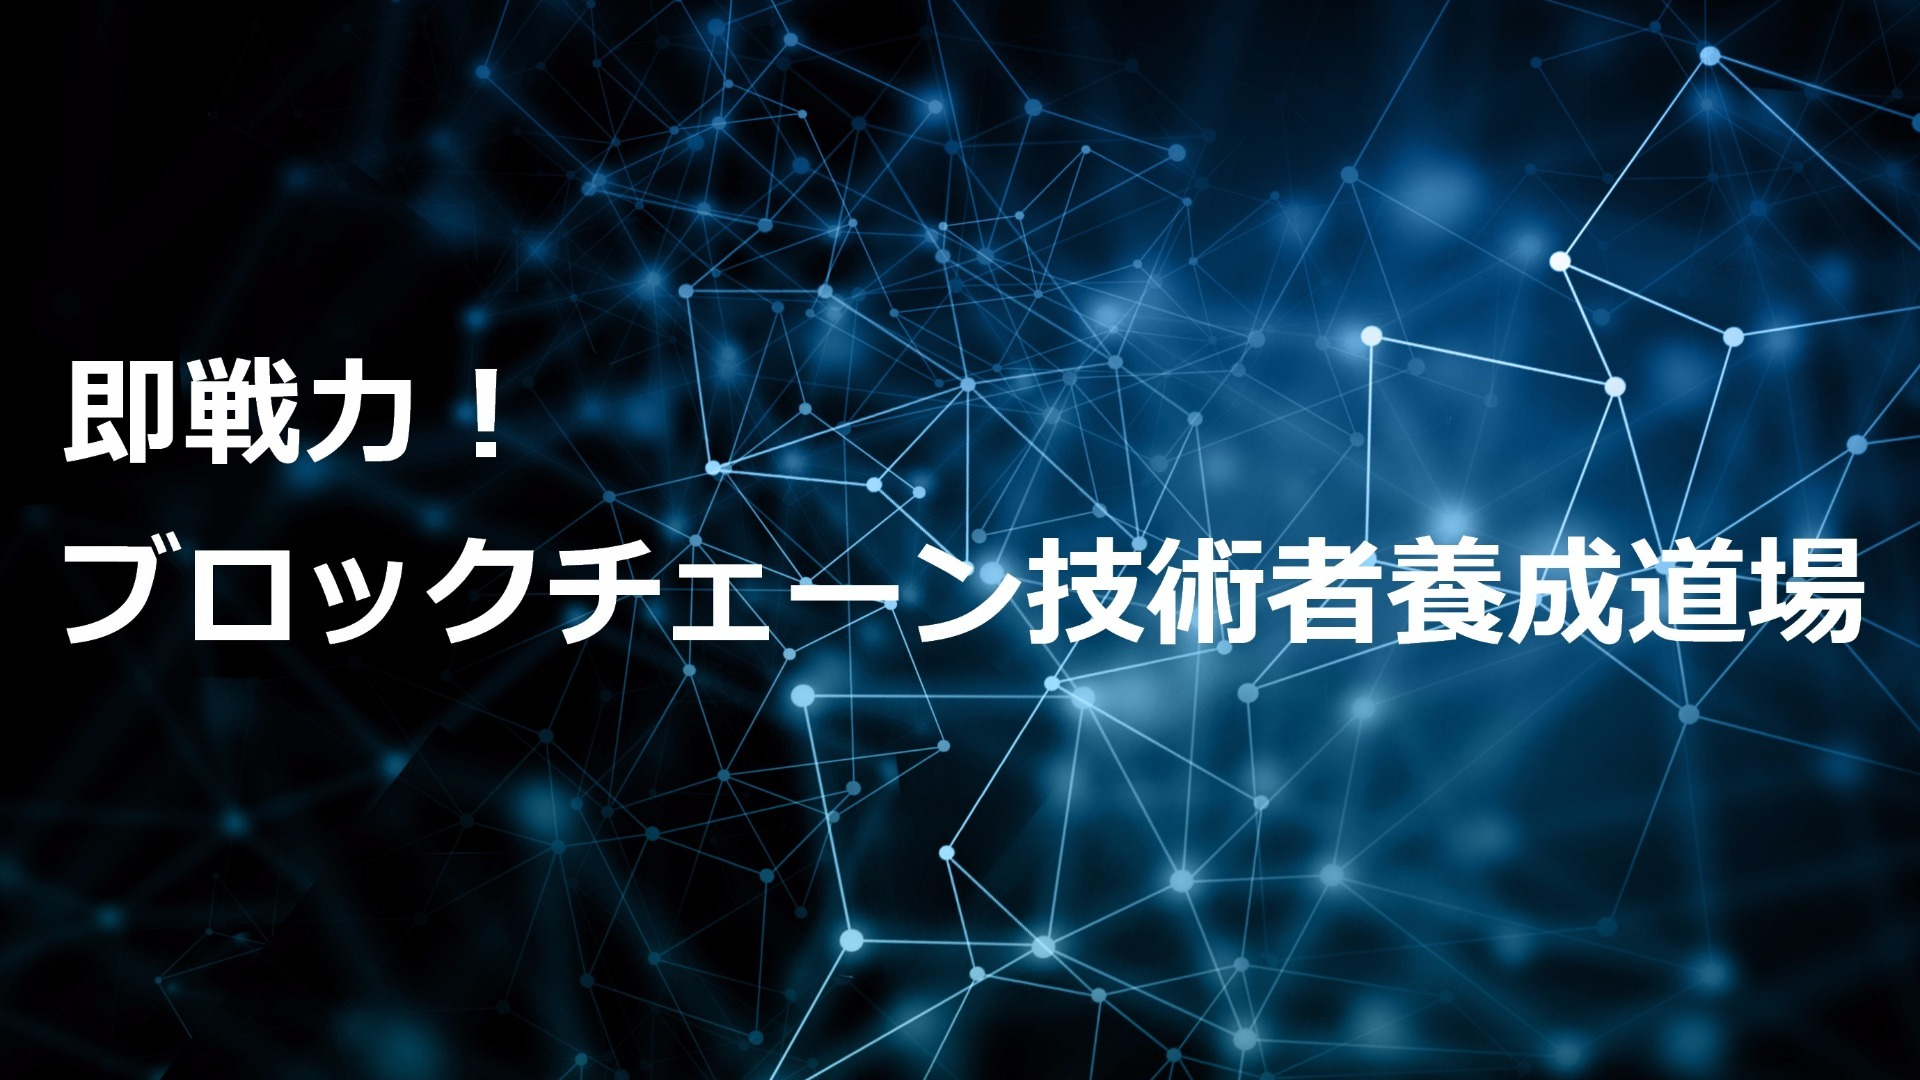 コンセンサス・ベイス株式会社 志茂 博 - 即戦力ブロックチェーン技術者養成道場 - DMM オンラインサロン